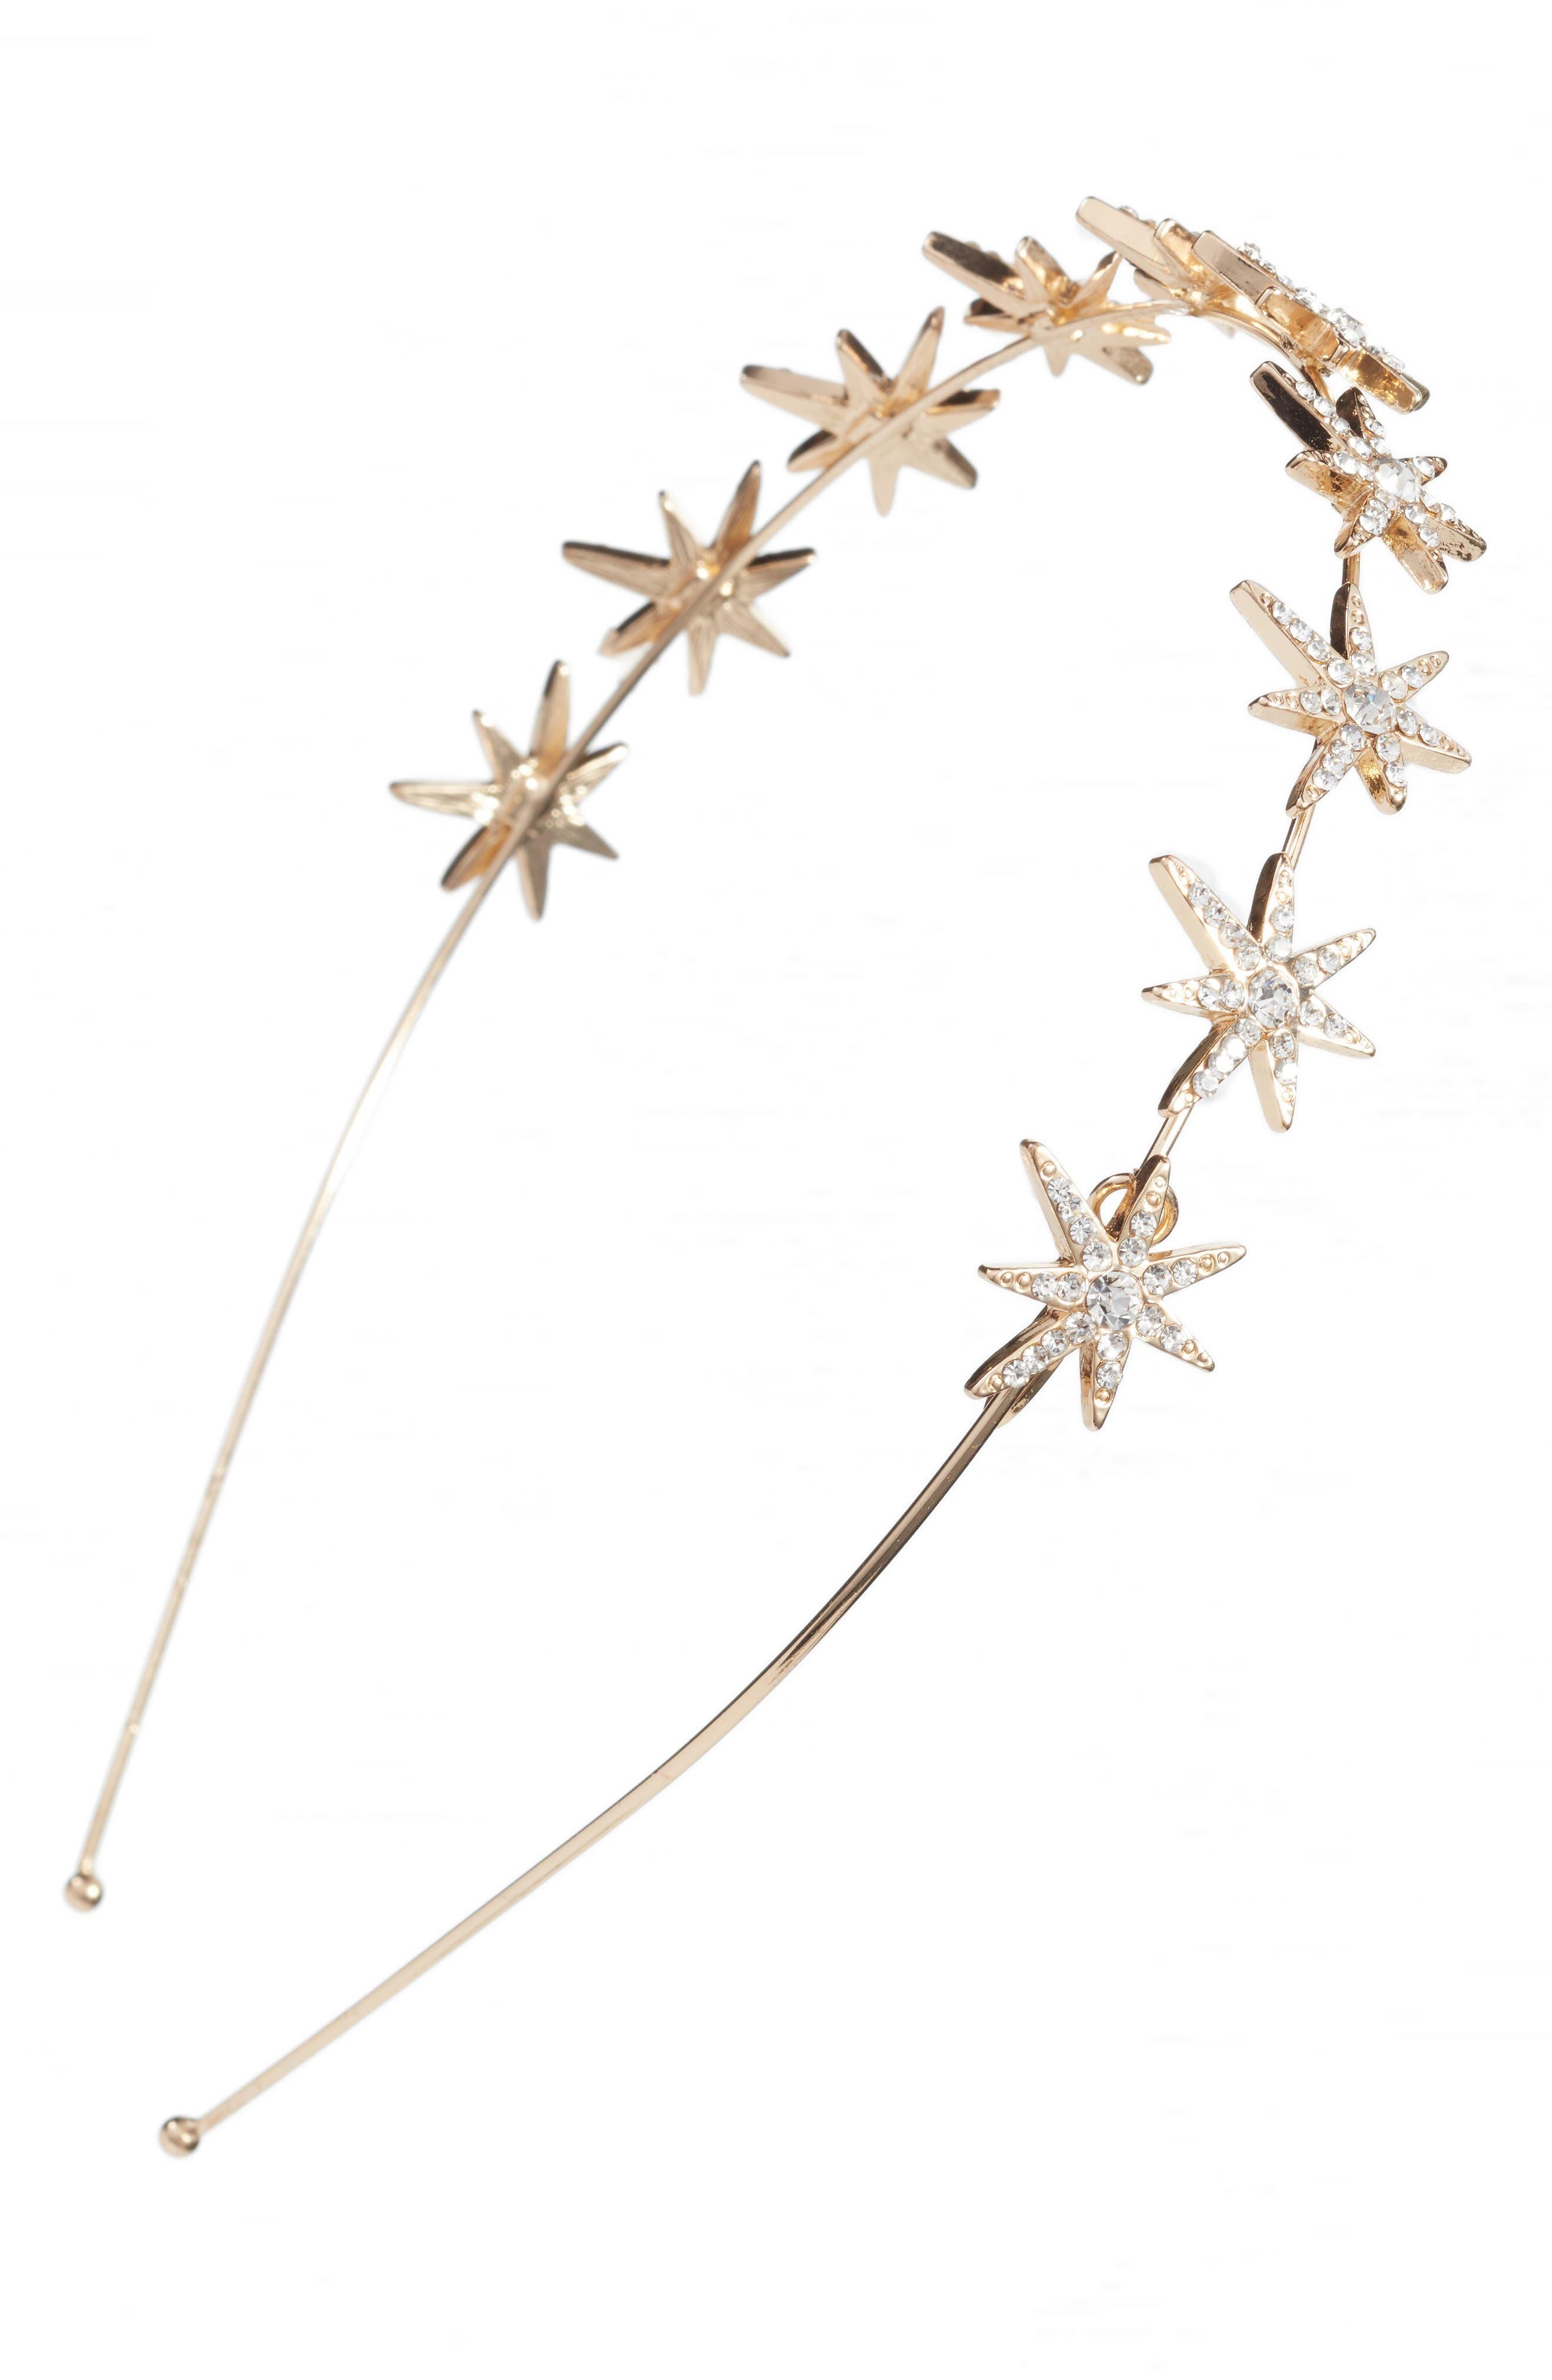 Alternate Image 1 Selected - Tasha Star Crystal Headband